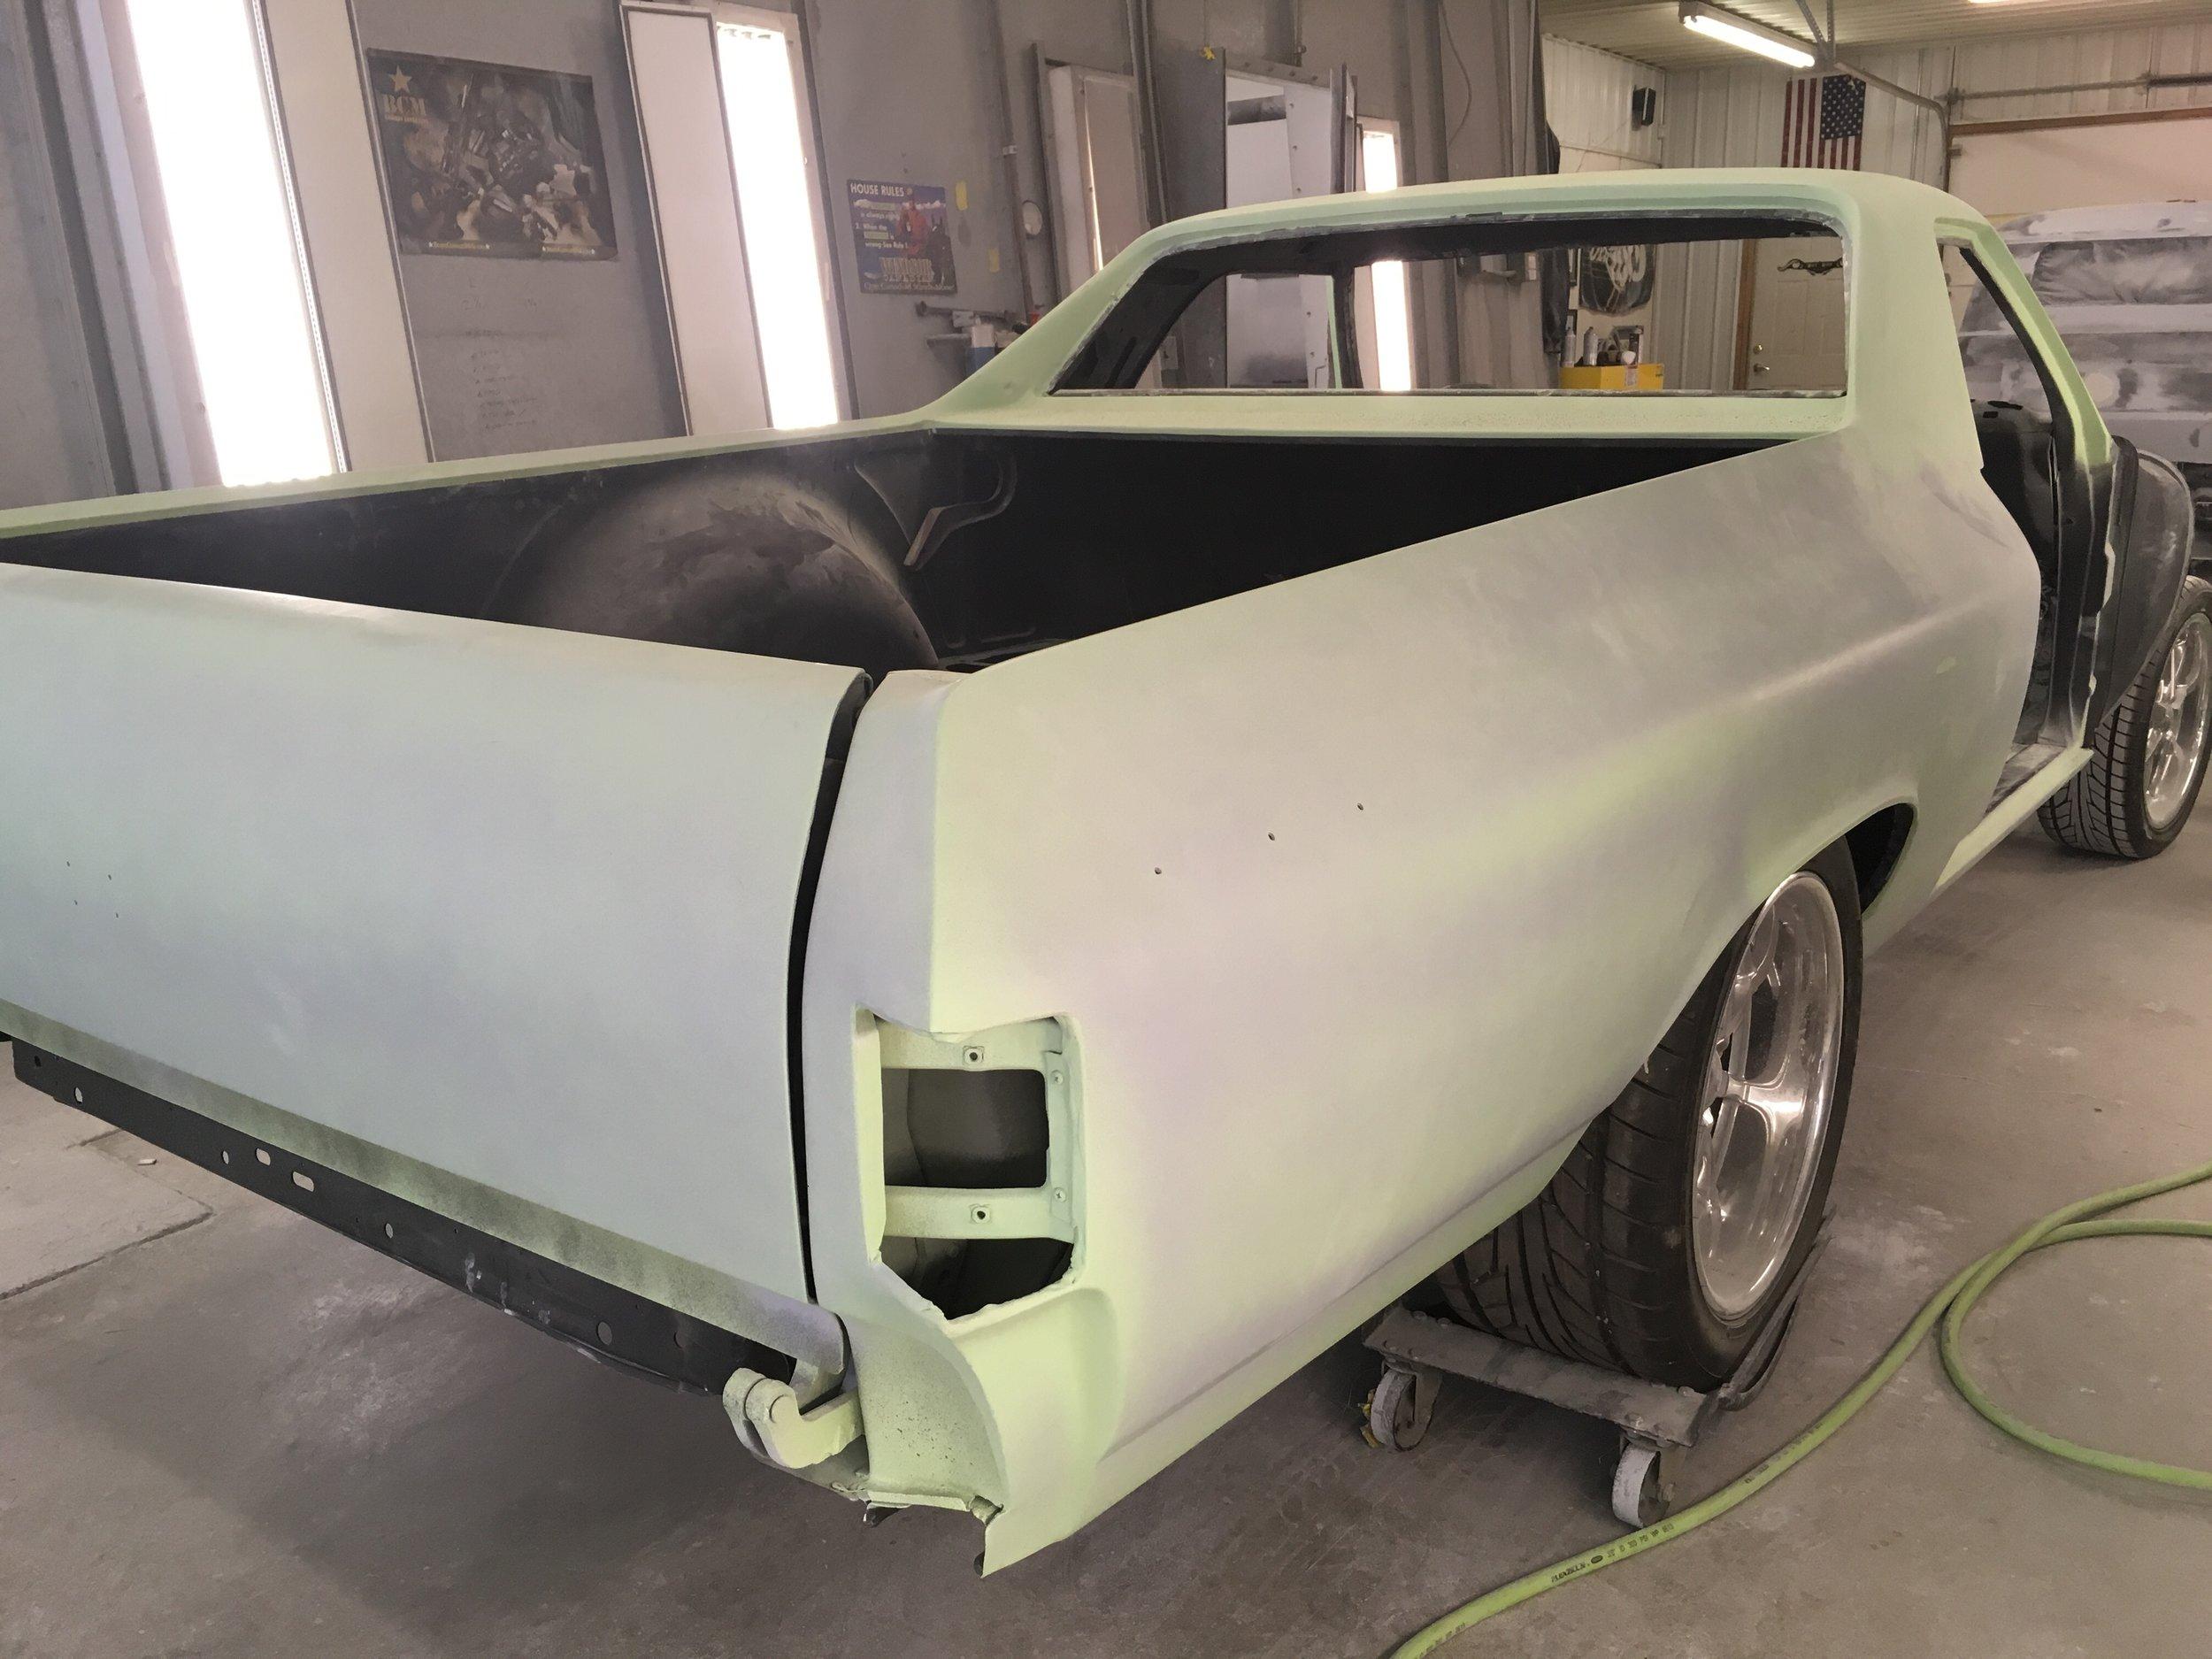 1968-El-Camino-minneapolis-hot-rod-restoration-custom-build-6.jpg